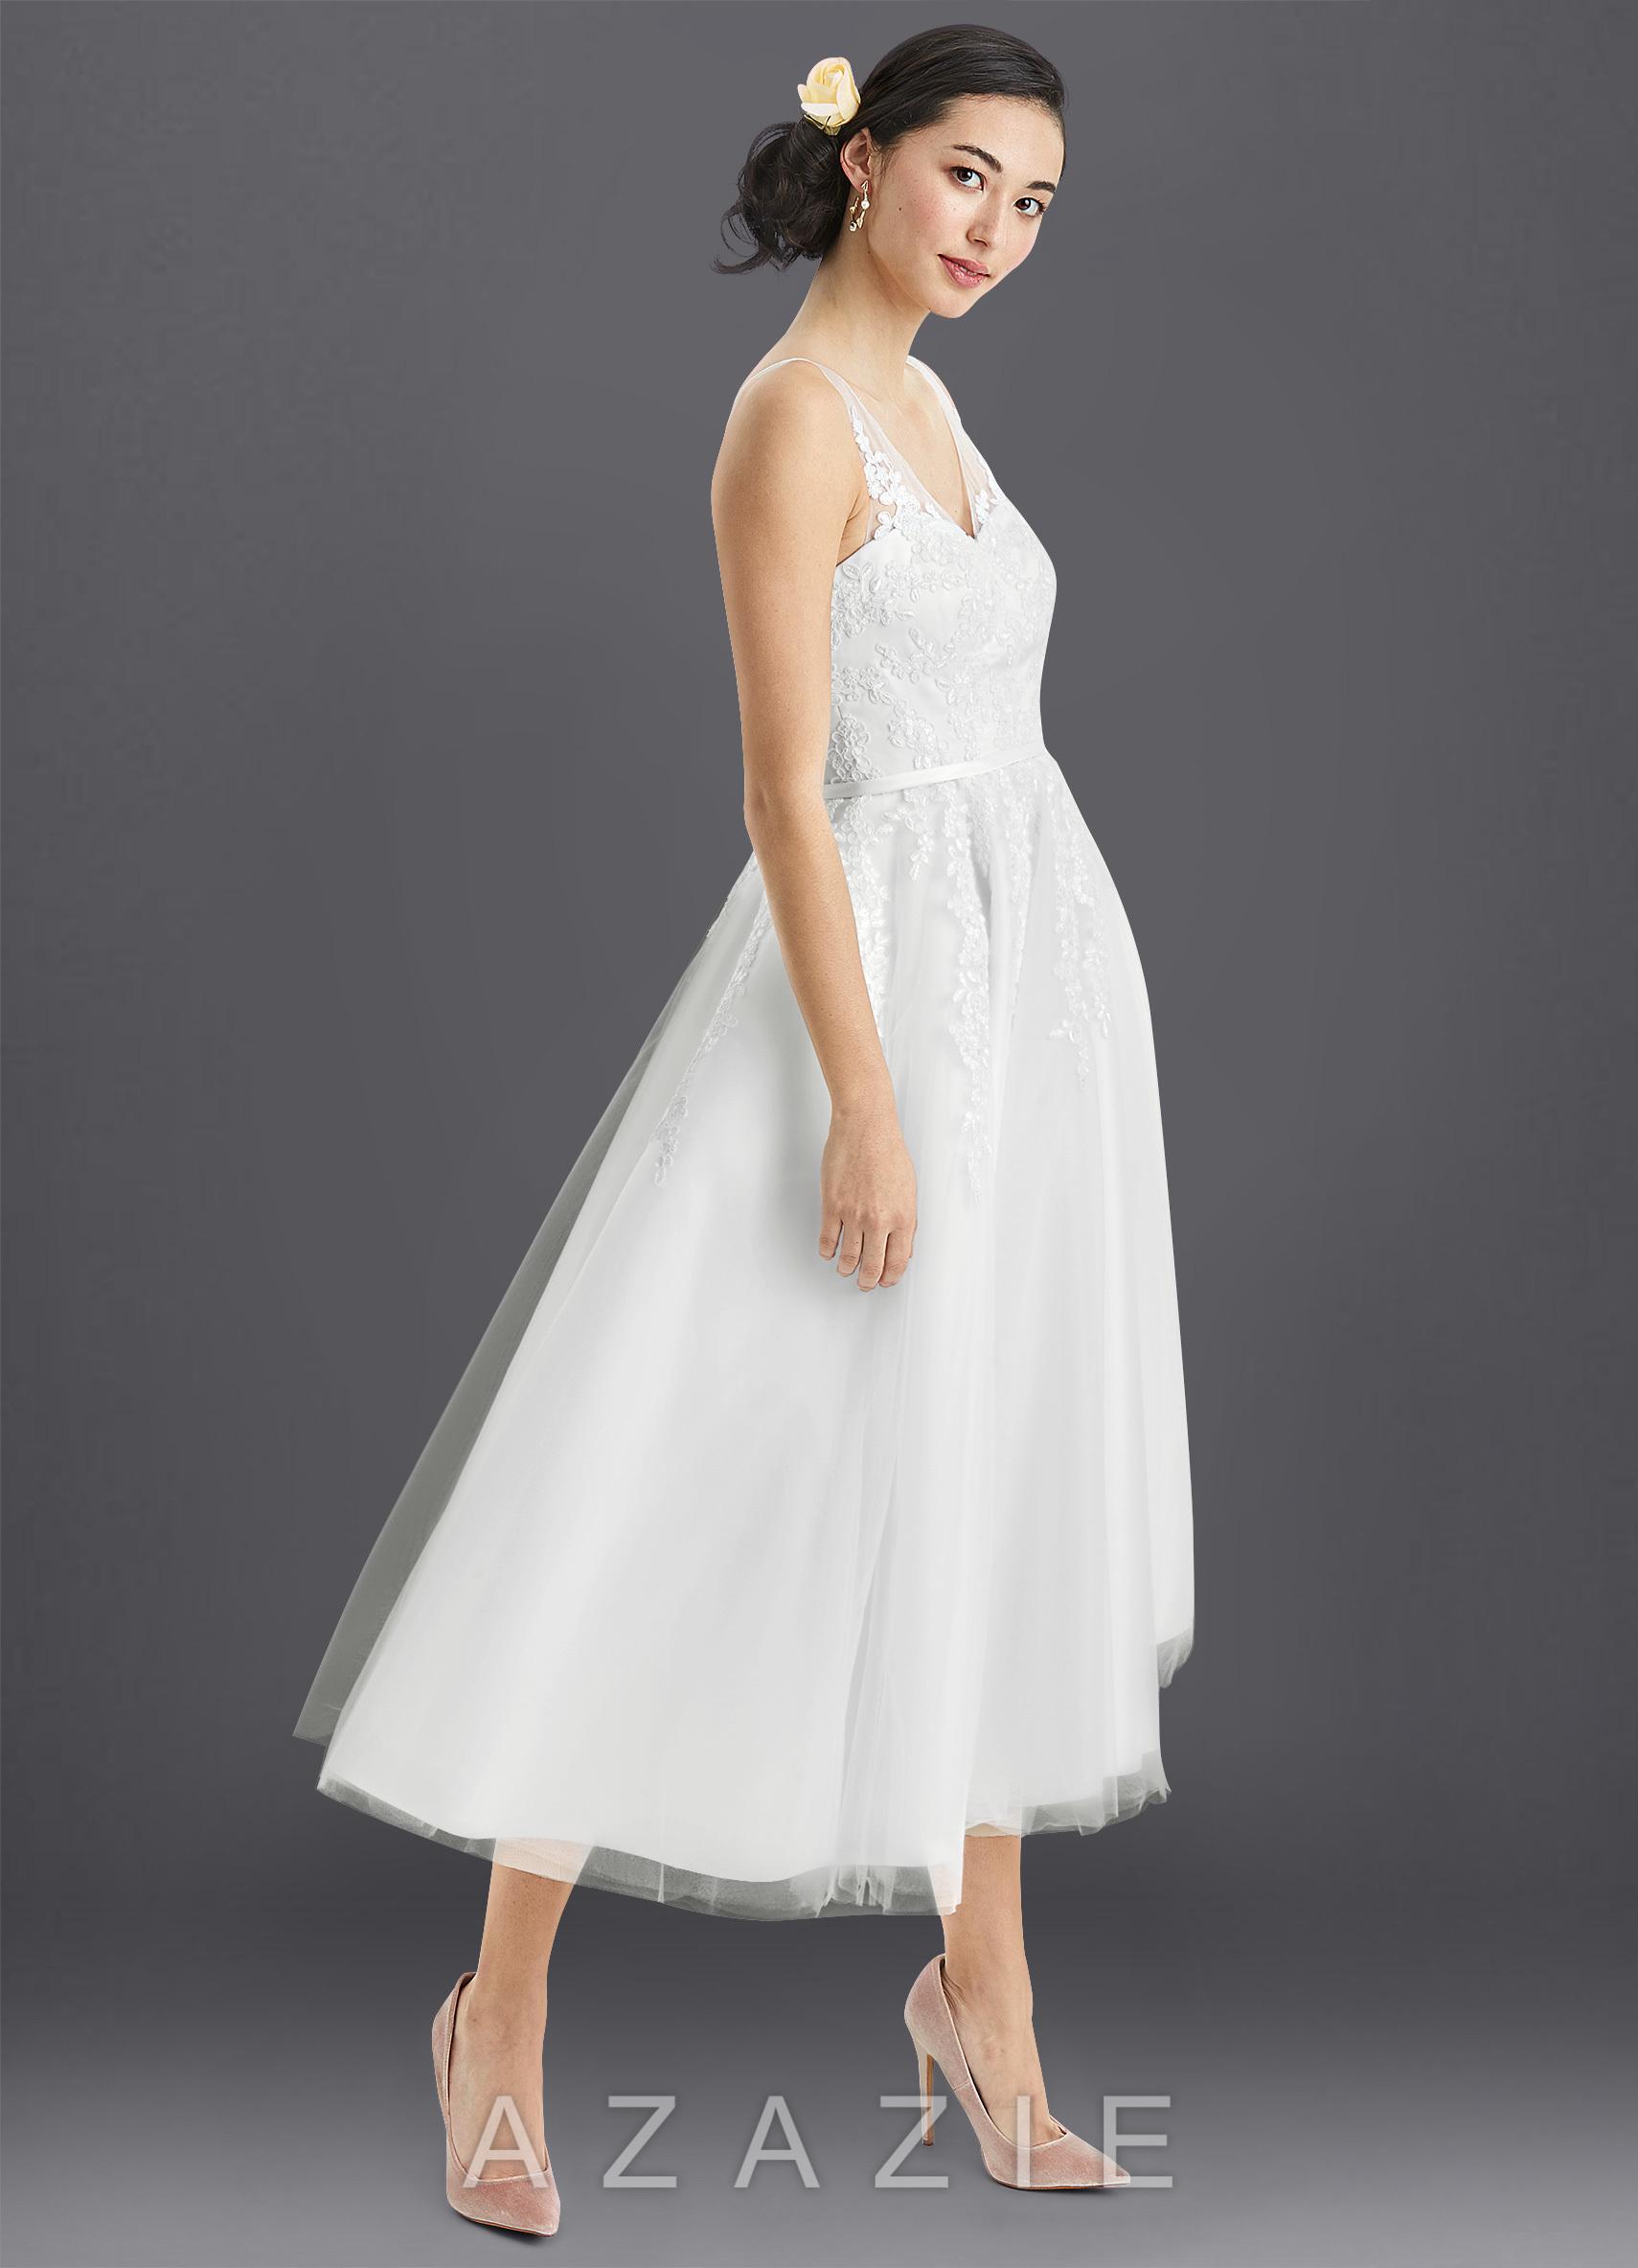 Azazie Dolores BG Wedding Dress Azazie